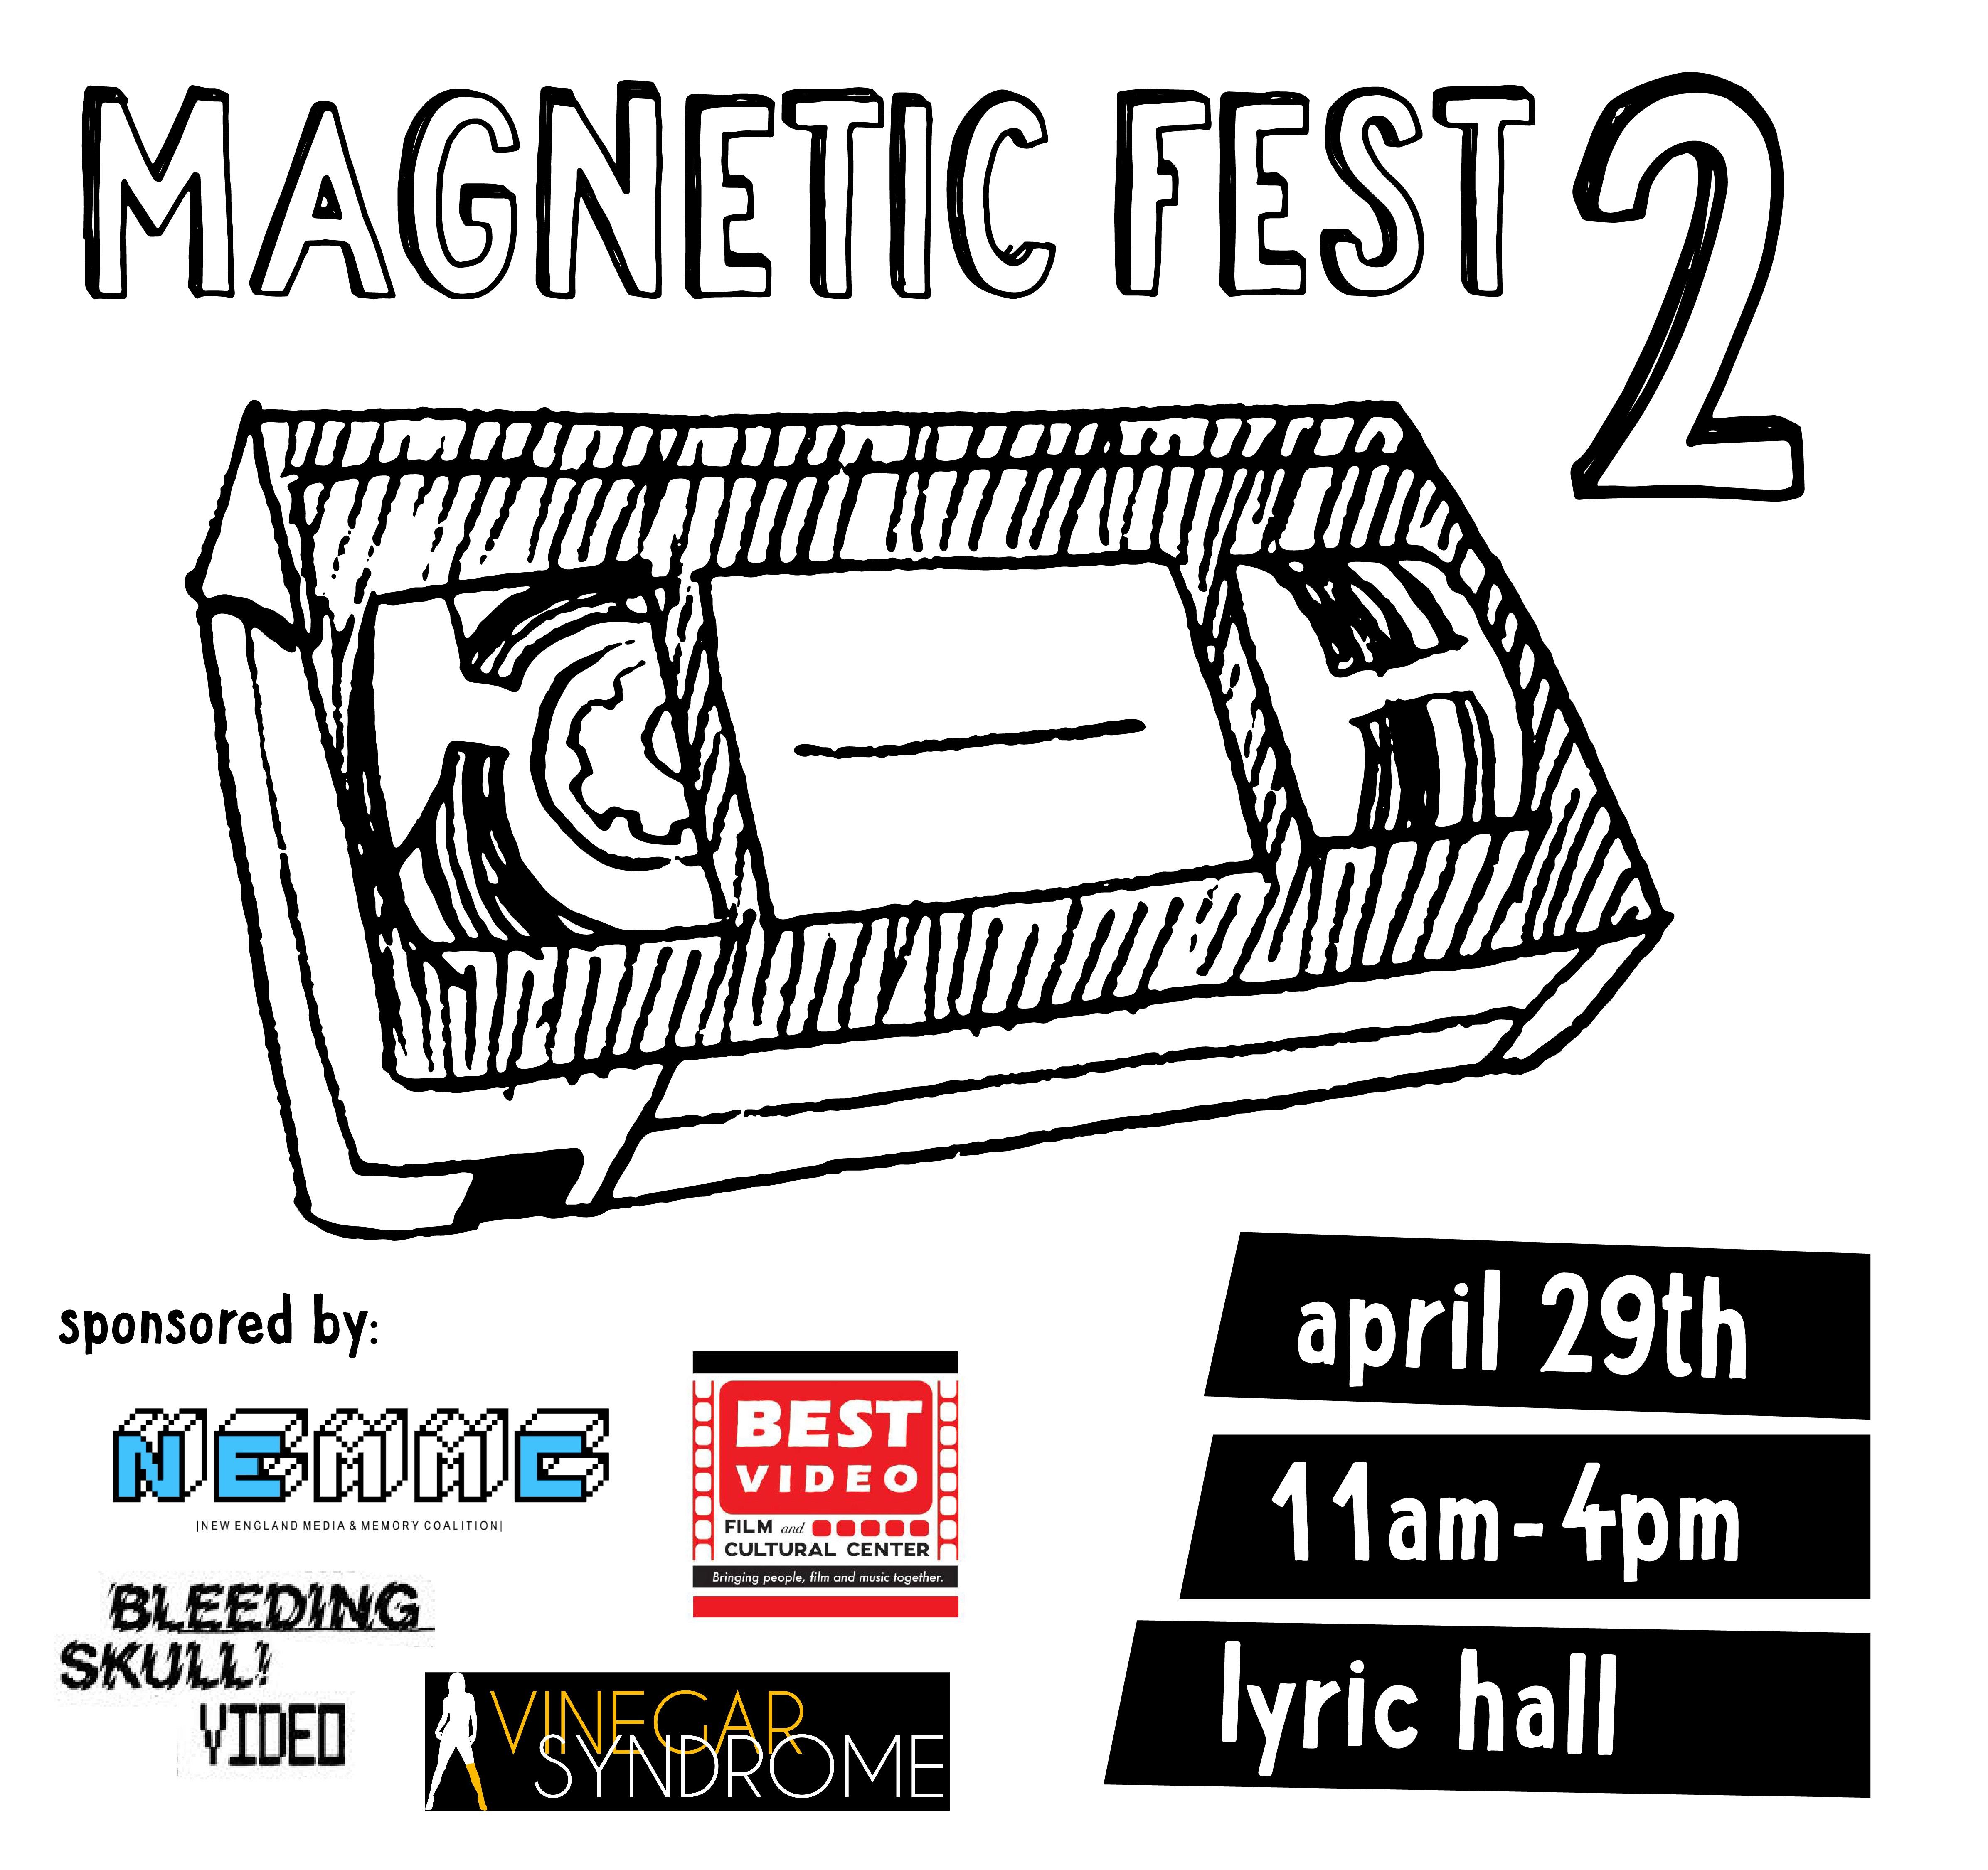 Magnetic Fest 2